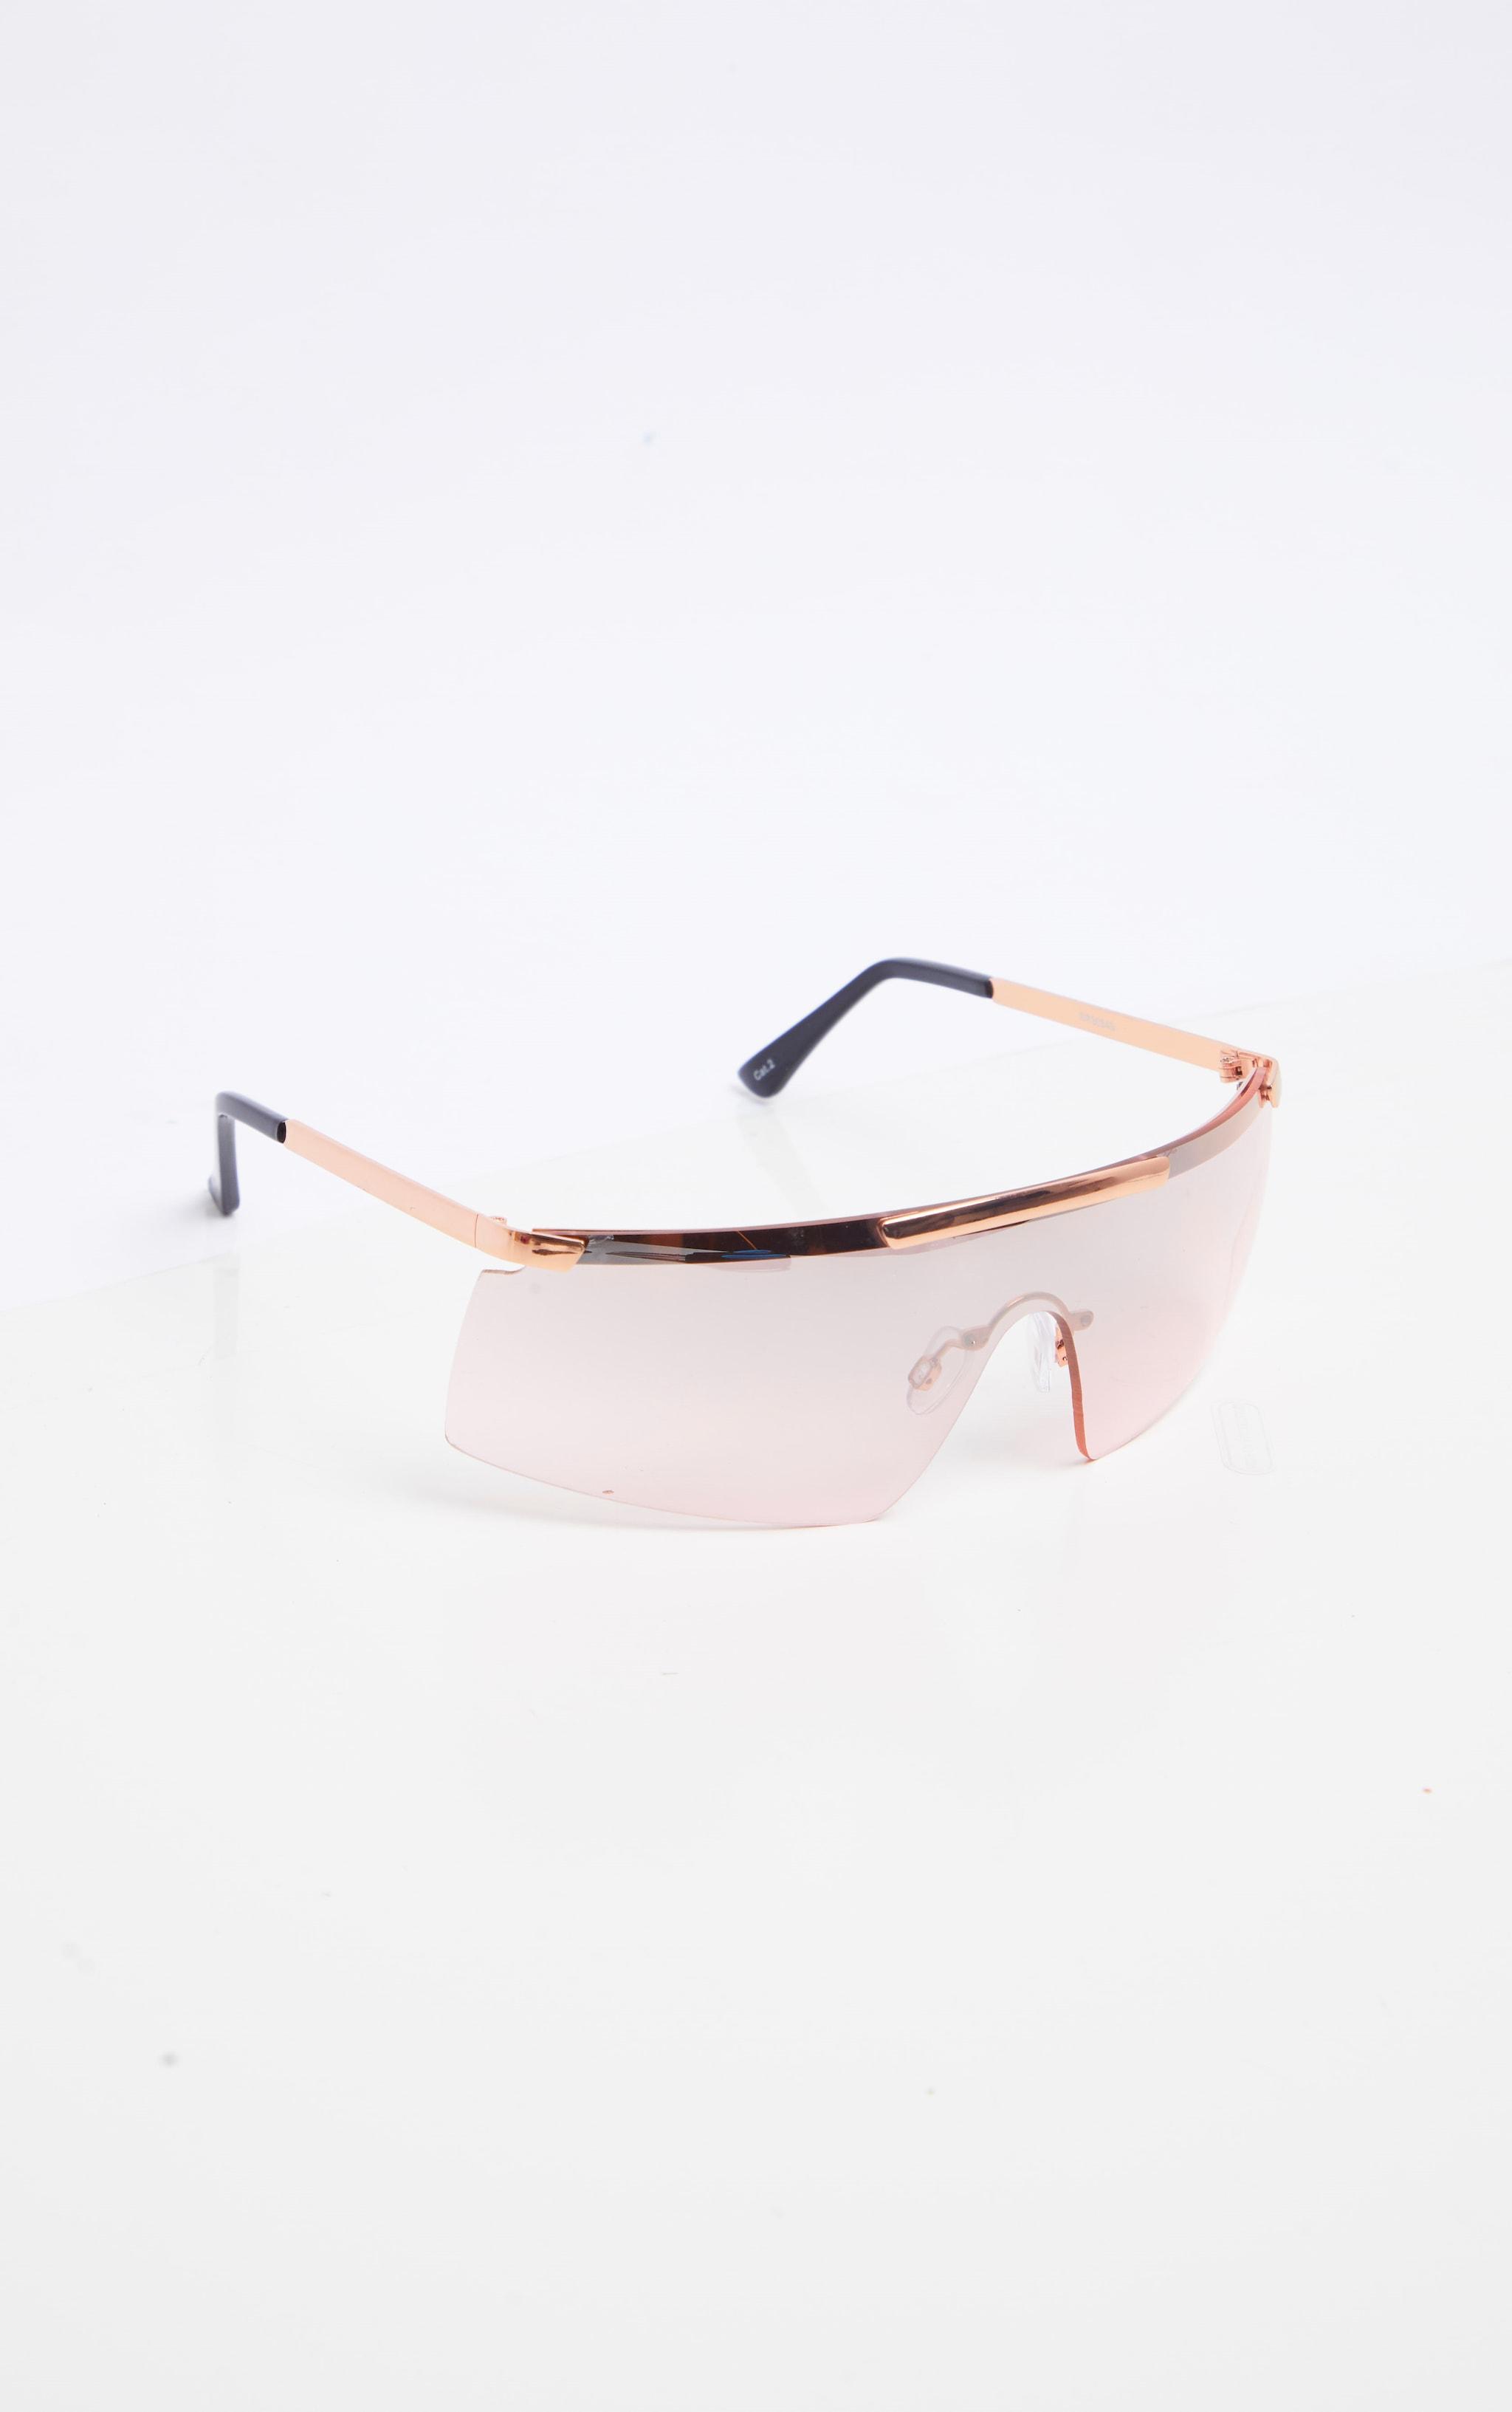 Rose Gold Tinted Flat Top Frameless Visor Sunglasses 2